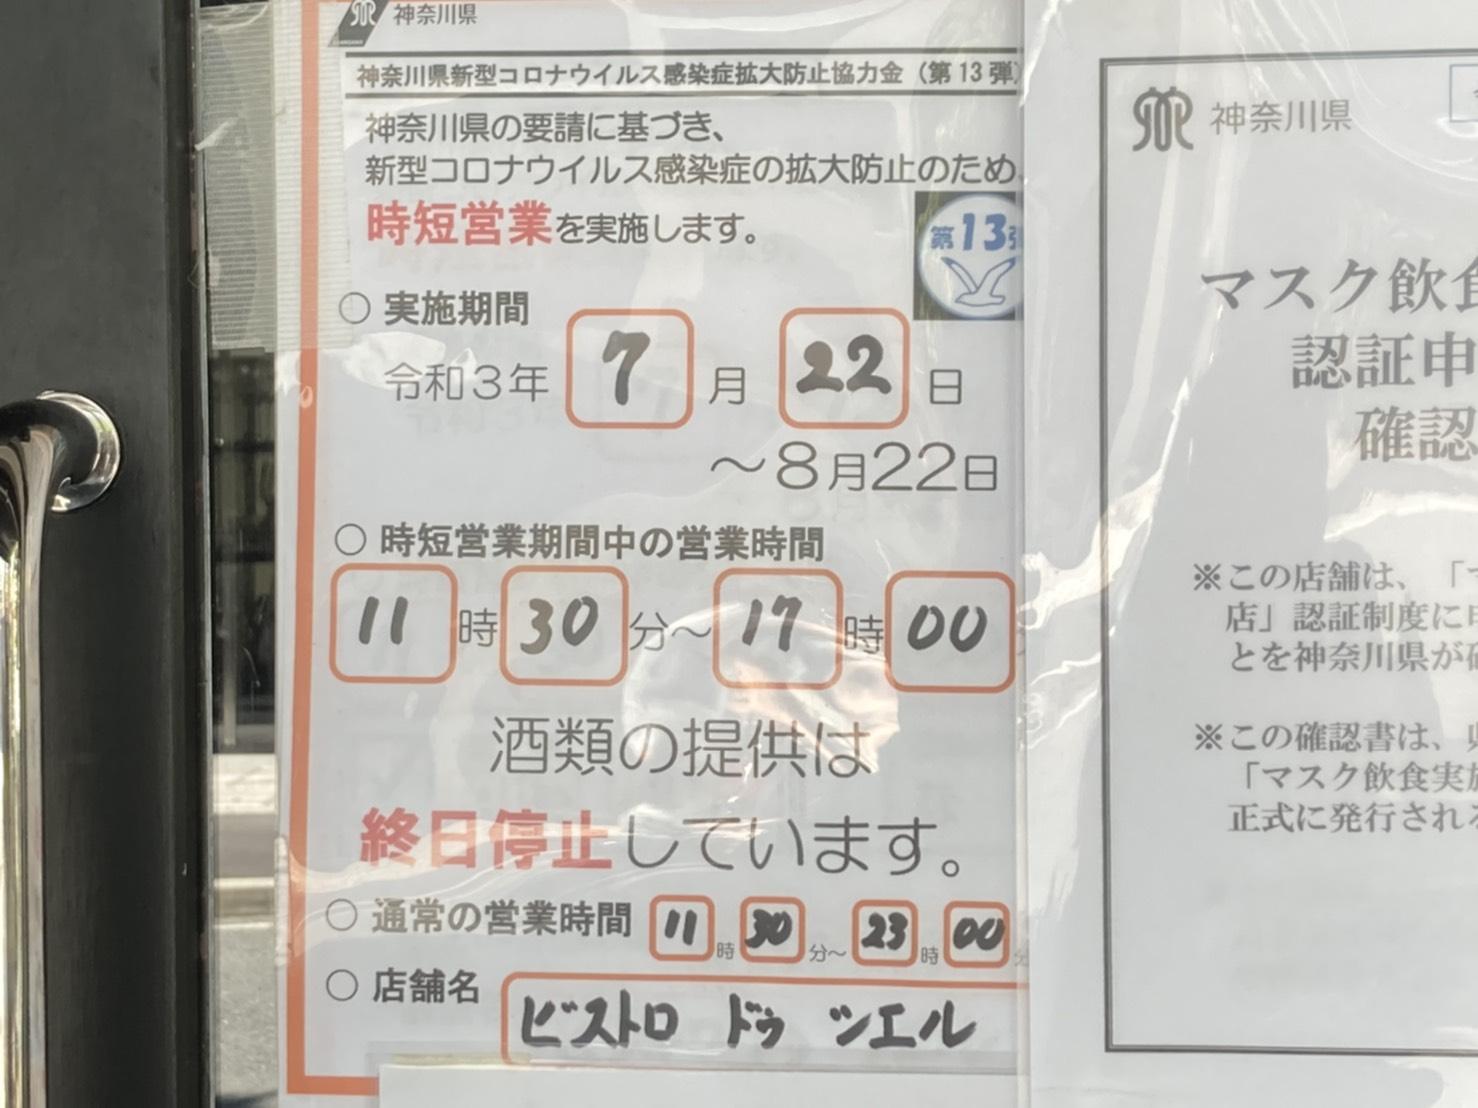 8/22までの営業について